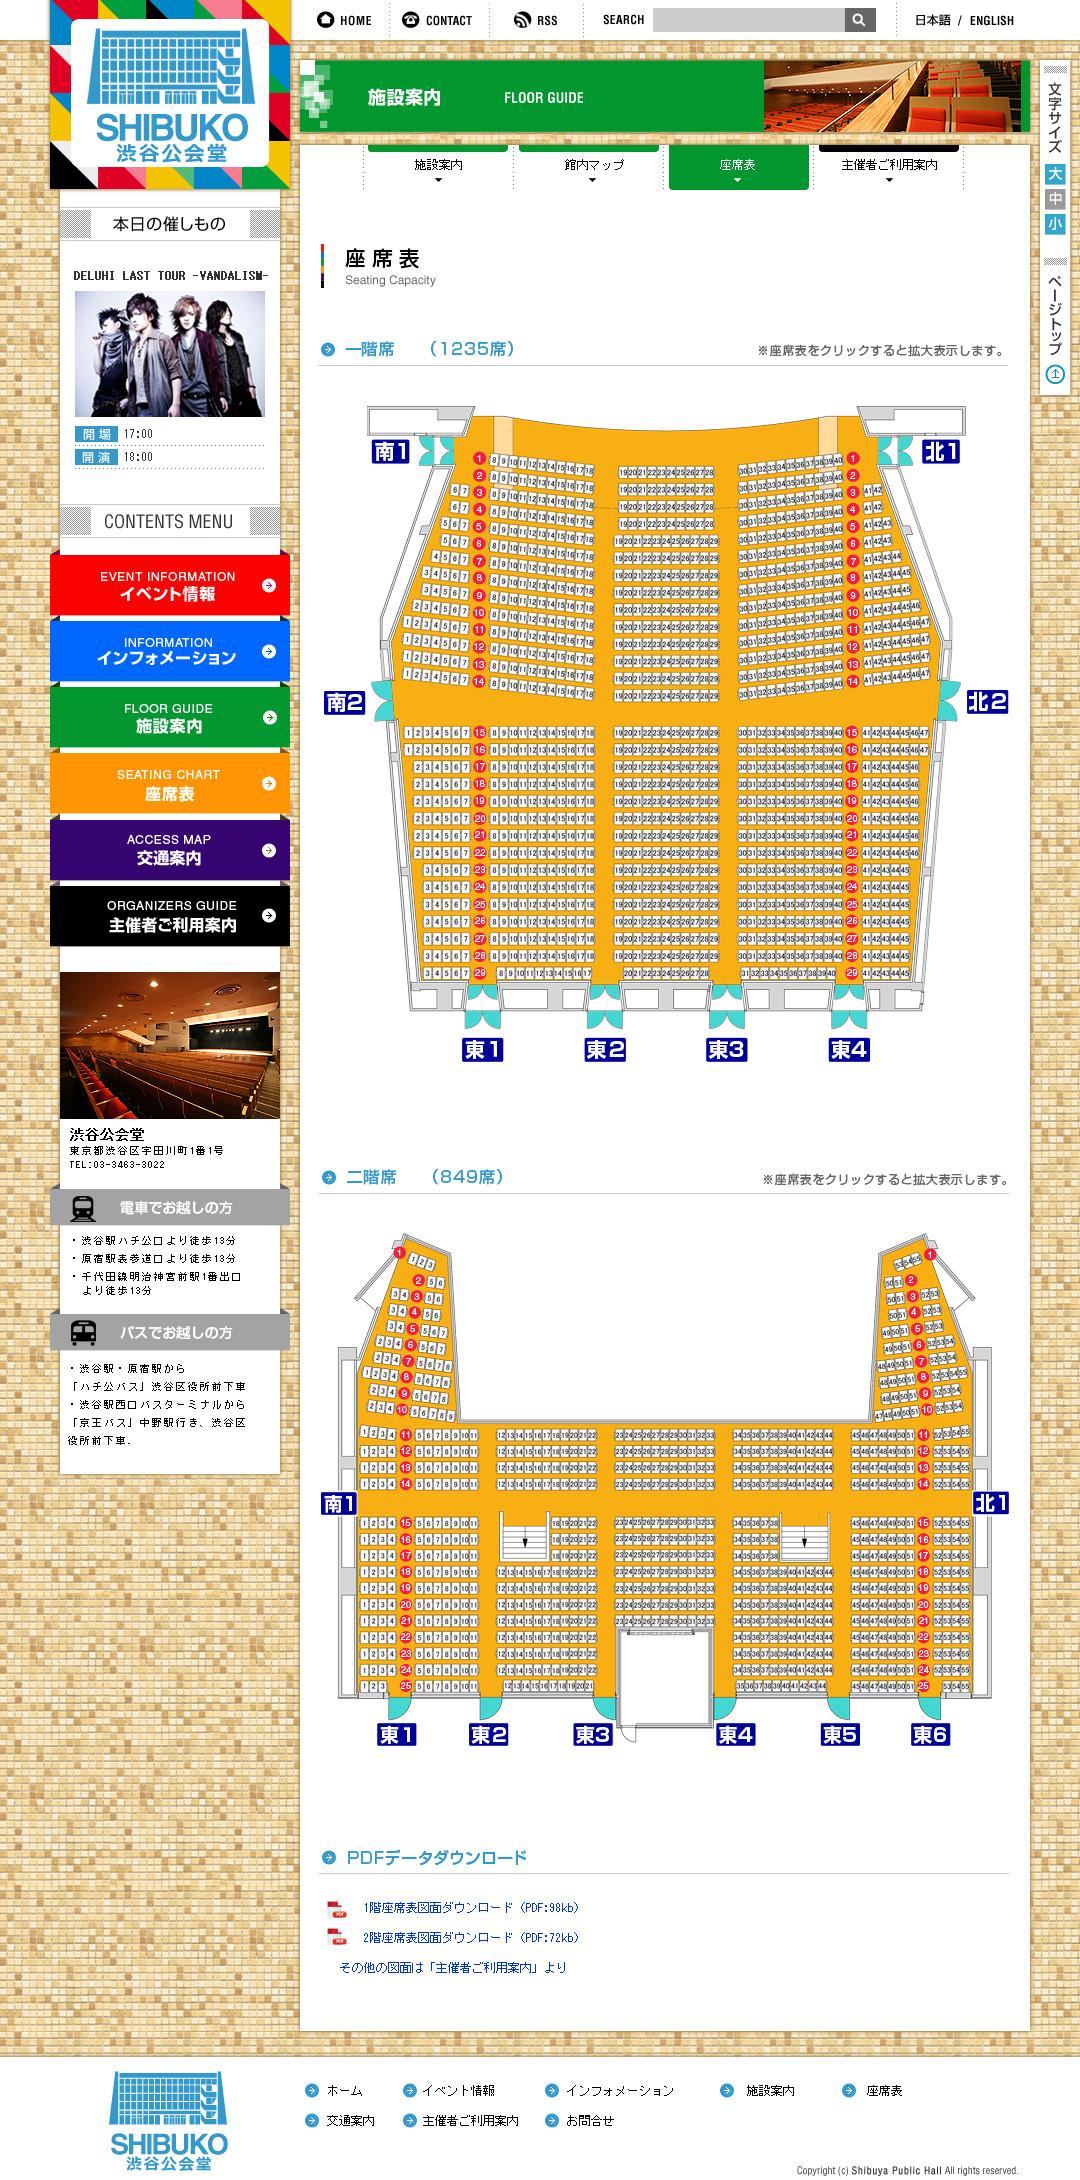 ホームページ画面04_渋谷公会堂